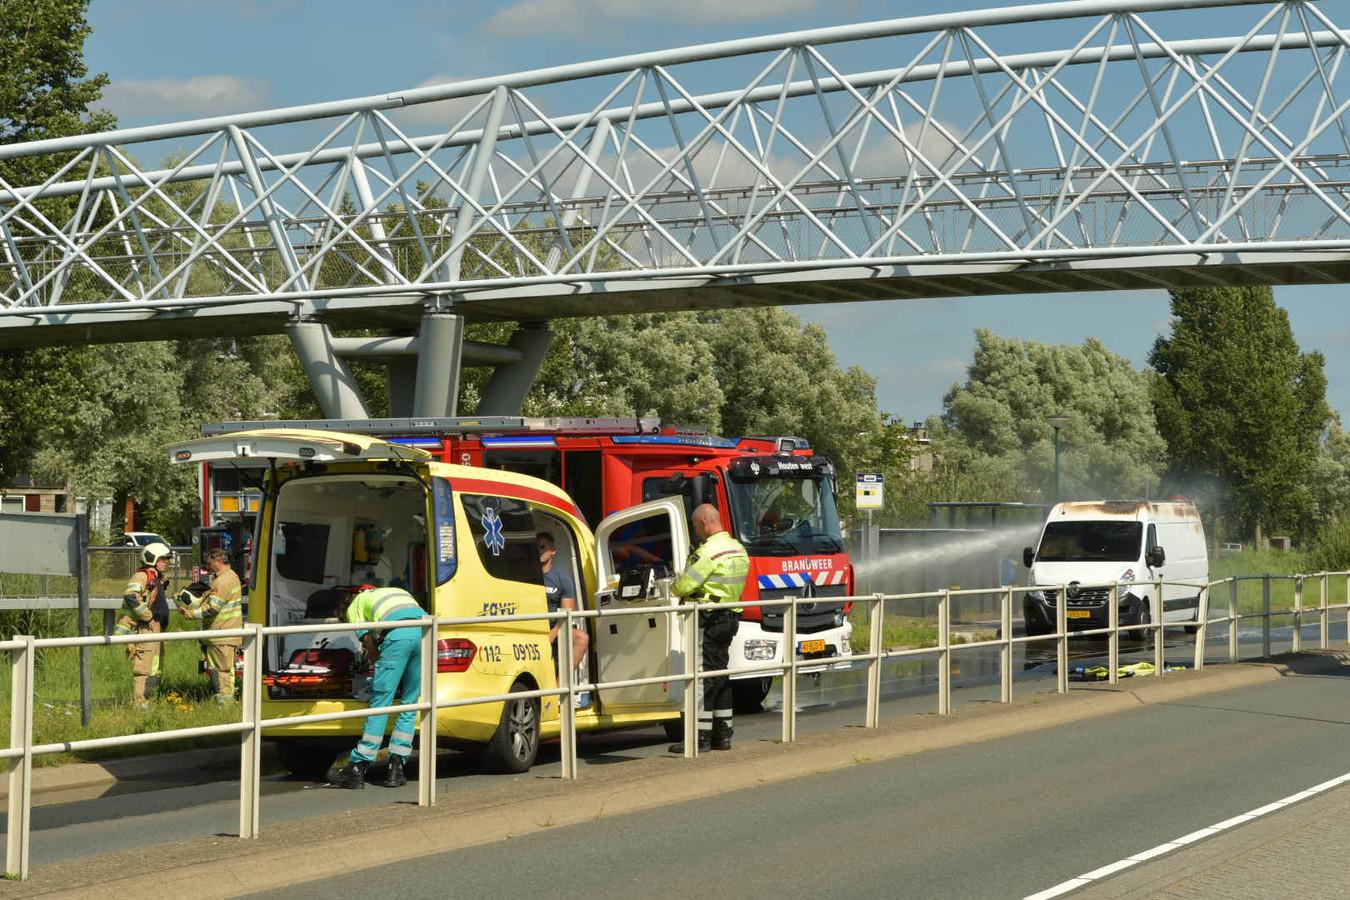 Hulpdiensten in actie bij de brandende bestelbus.